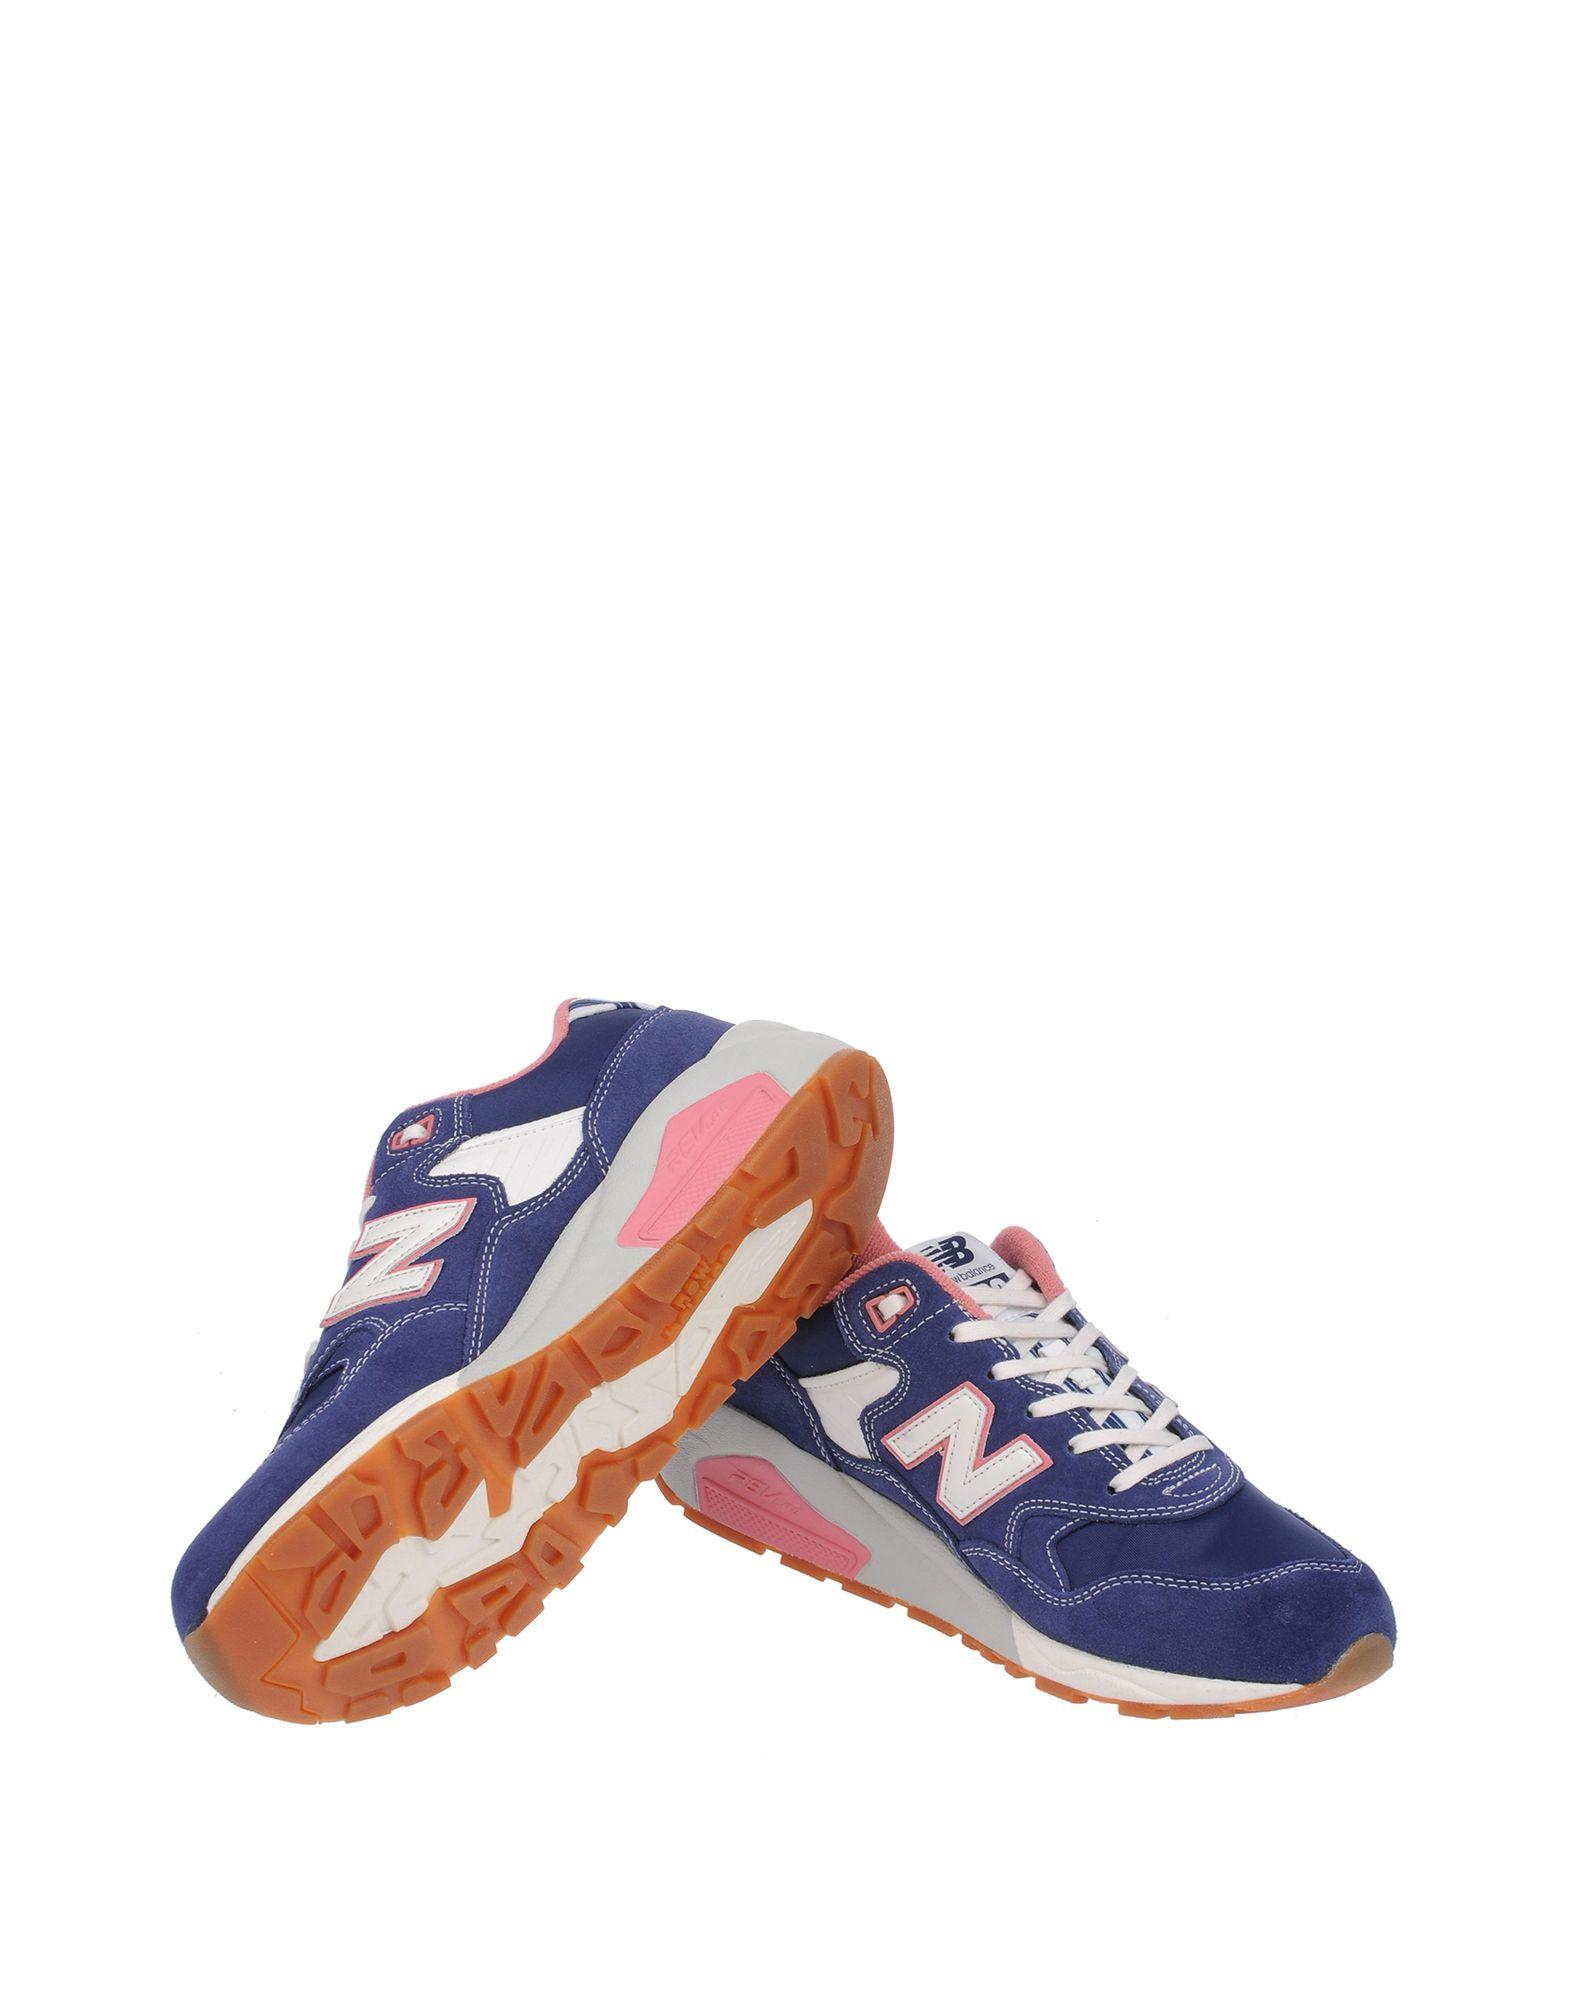 New Balance Sneakers Damen  Schuhe 11138888NI Gute Qualität beliebte Schuhe  6c4f12